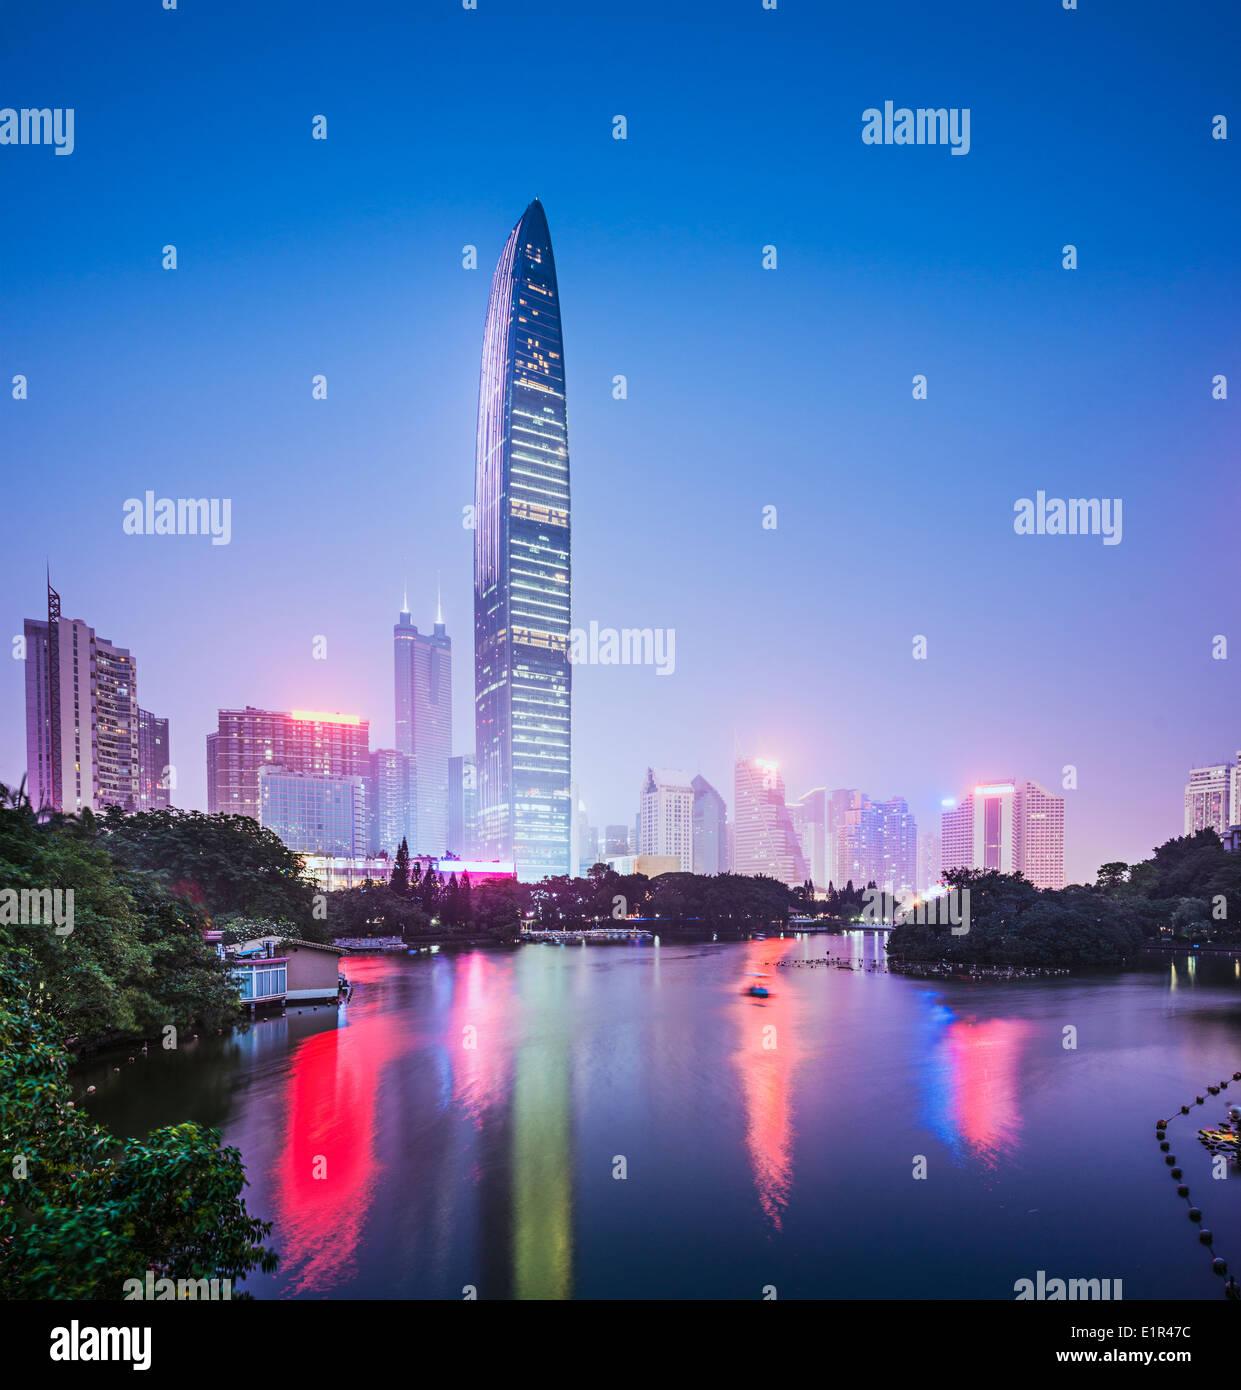 Shenzhen, China city skyline at twilight. - Stock Image